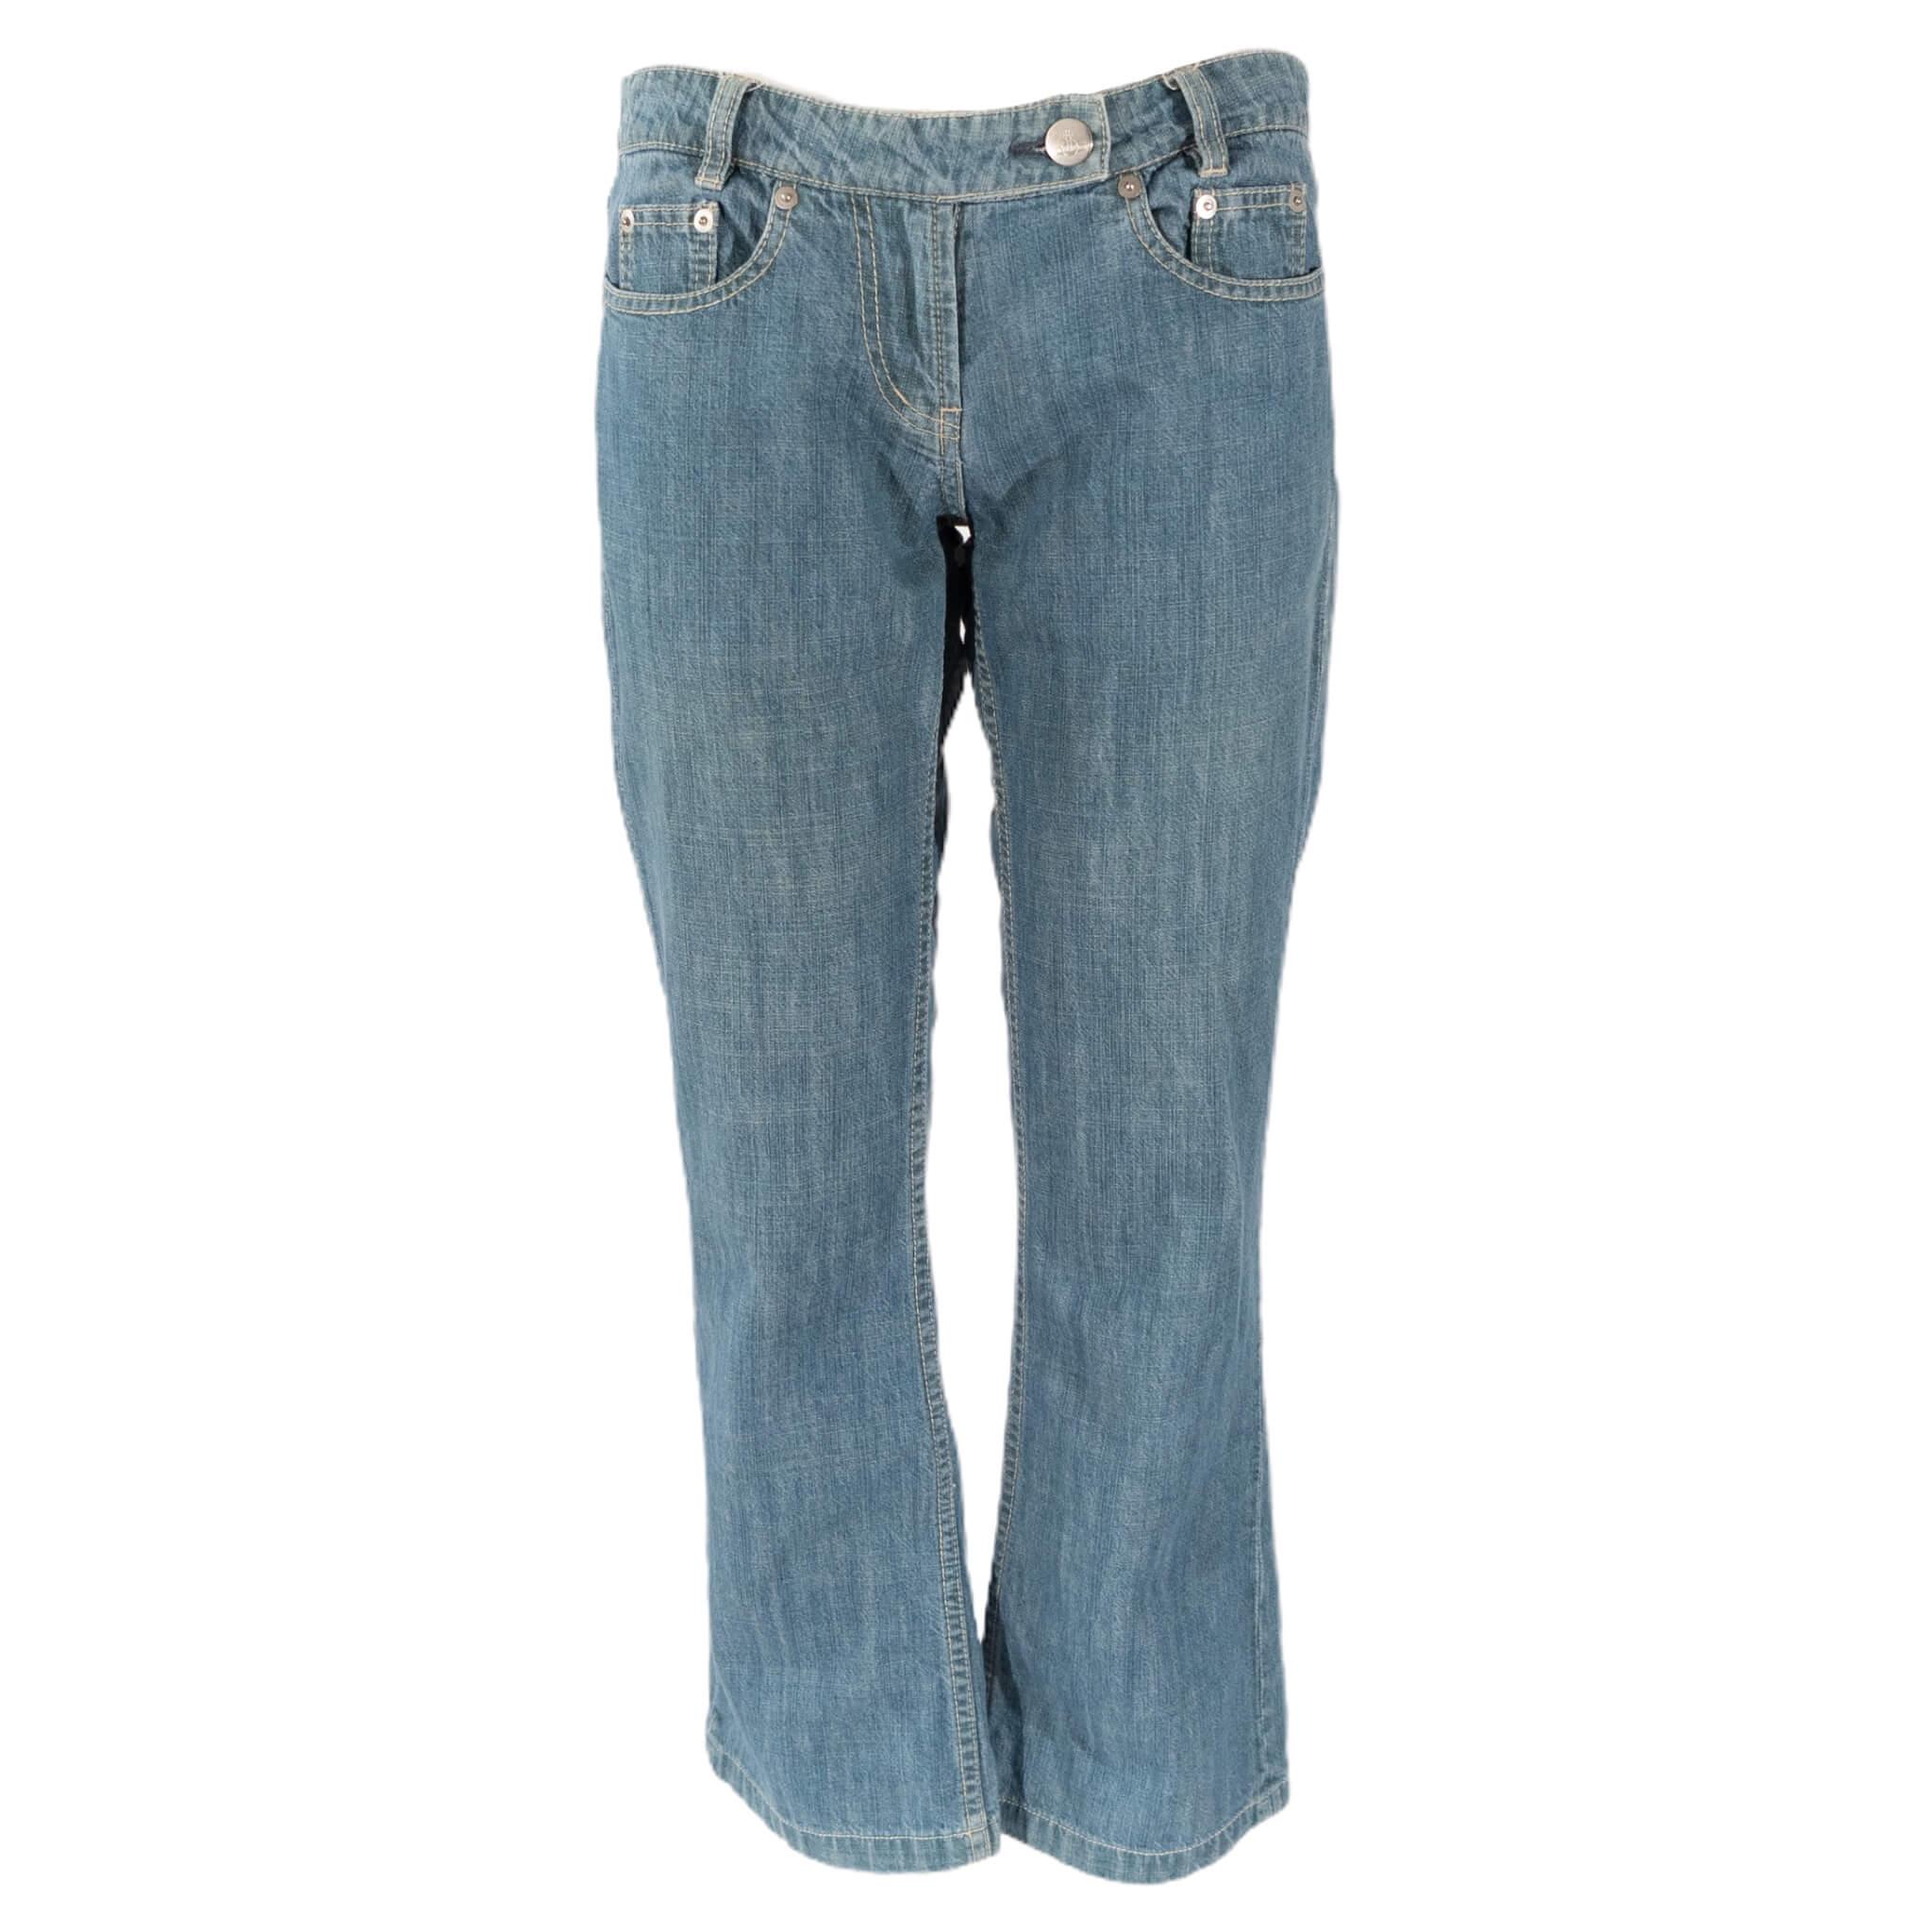 Vivienne Westwood Low Waist Blue Dream Jeans